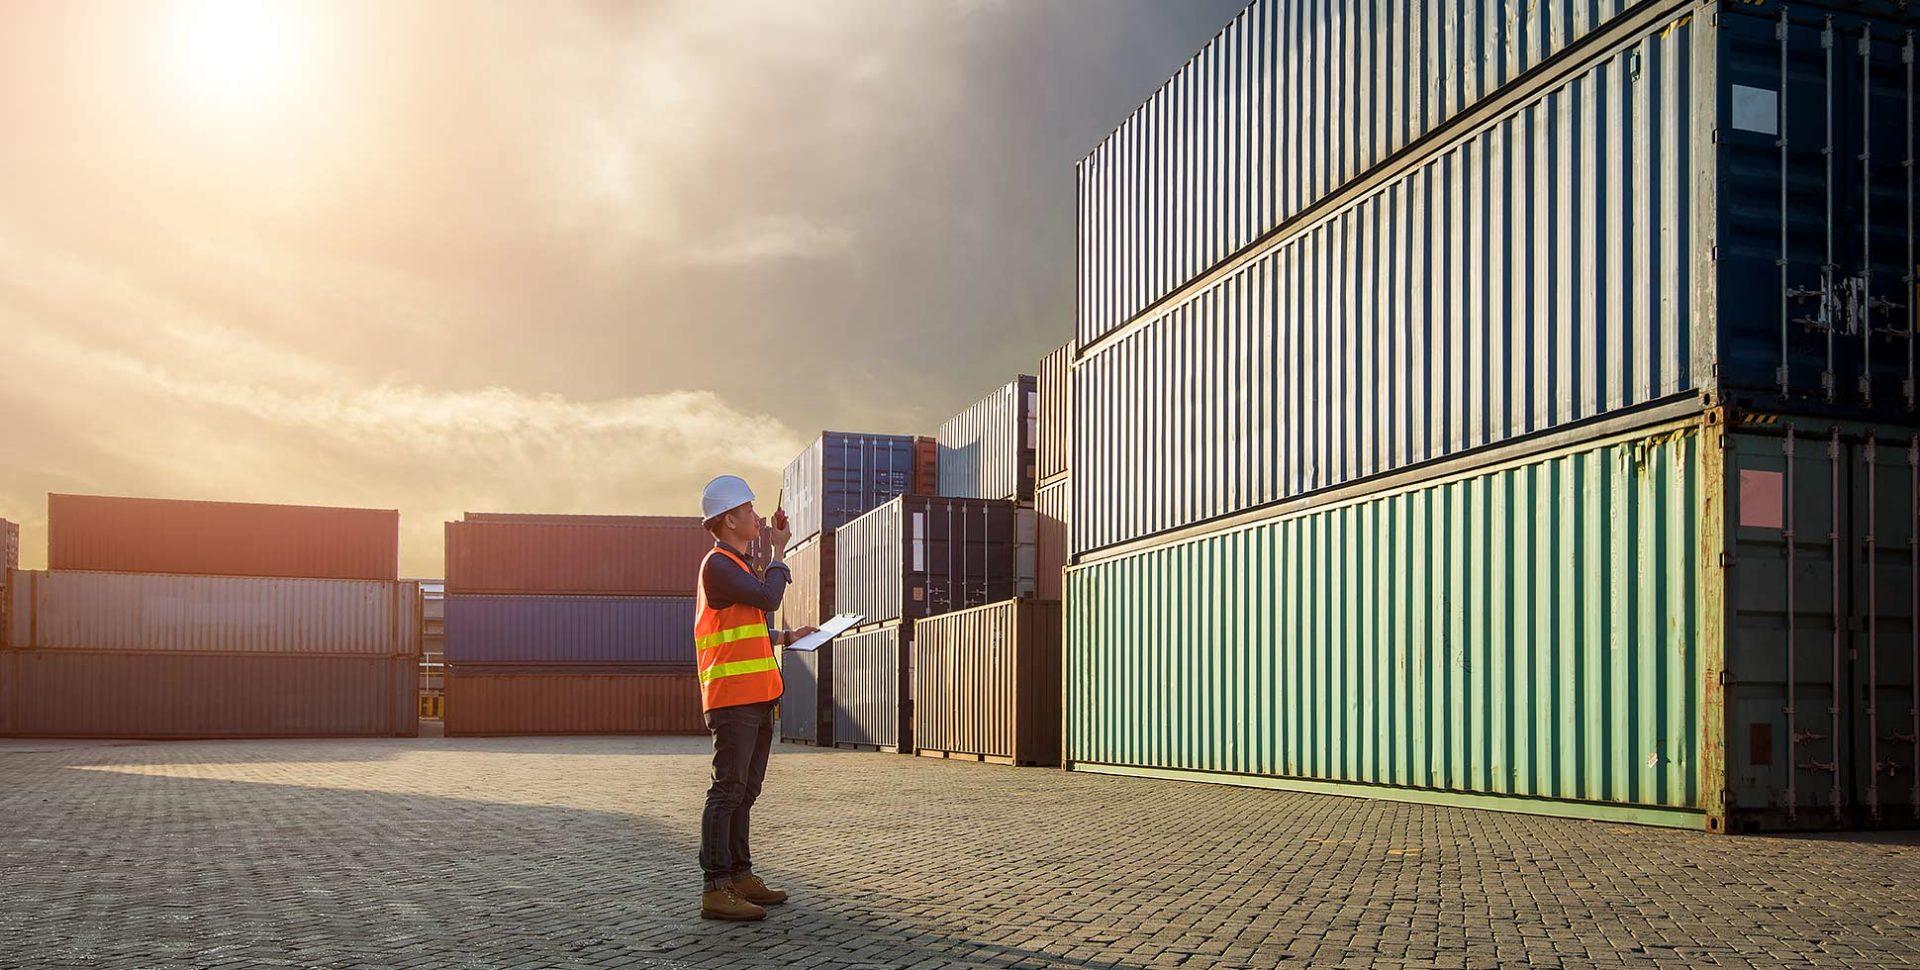 eSIM in logistics